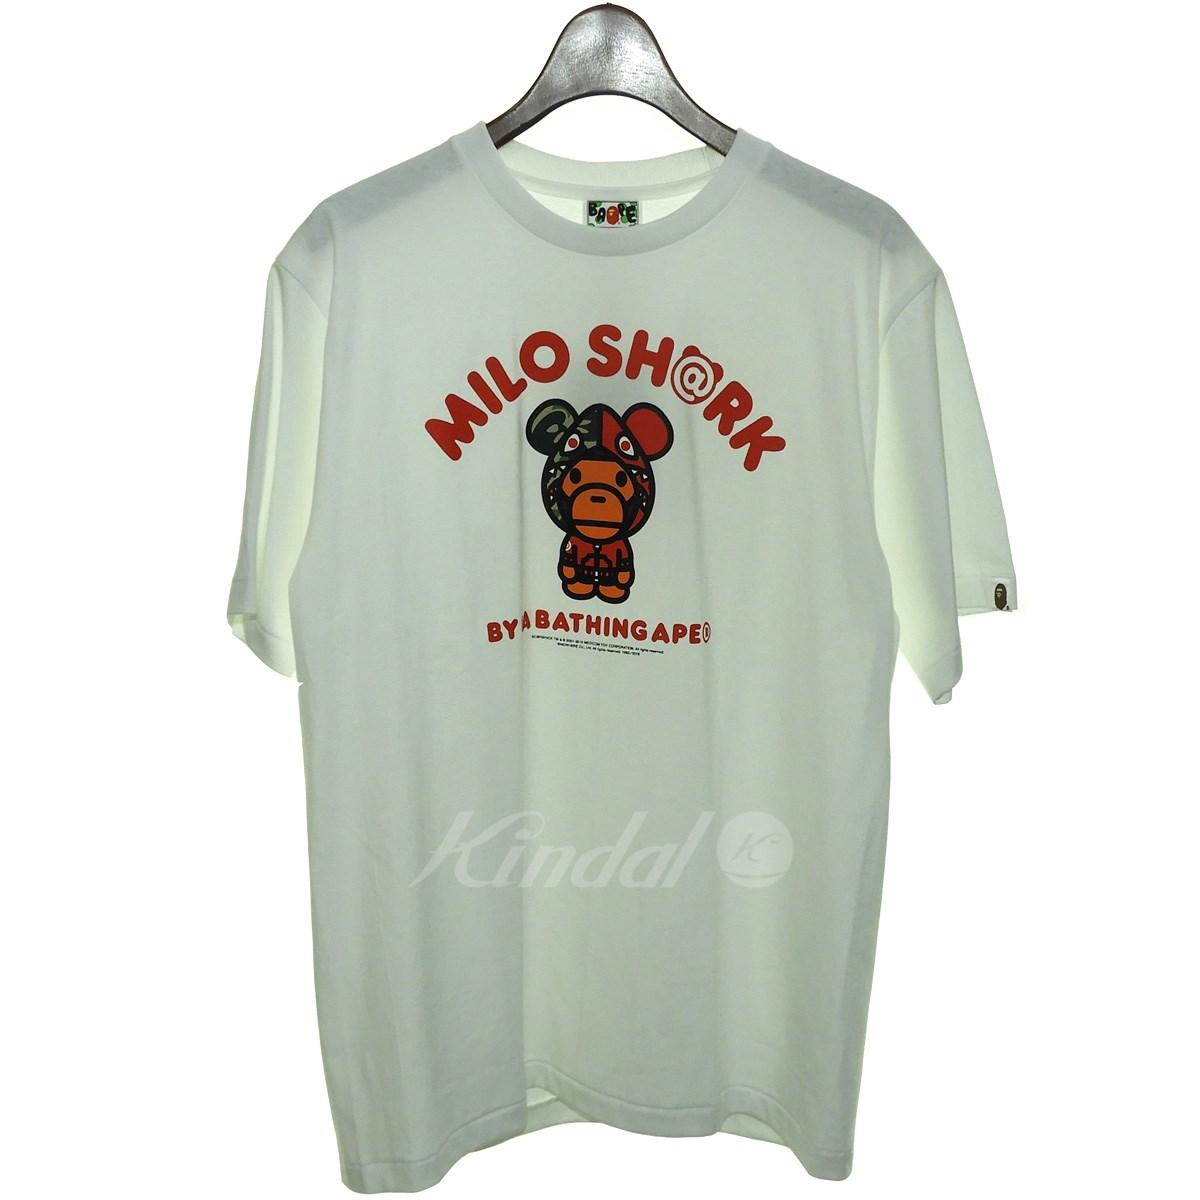 【中古】A BATHING APE×MEDICOM TOY 18AW「MILO SHARK TEE」マイロシャークTシャツ ホワイト×レッド サイズ:M 【送料無料】 【240918】(アベイシングエイプ メディコムトイ)